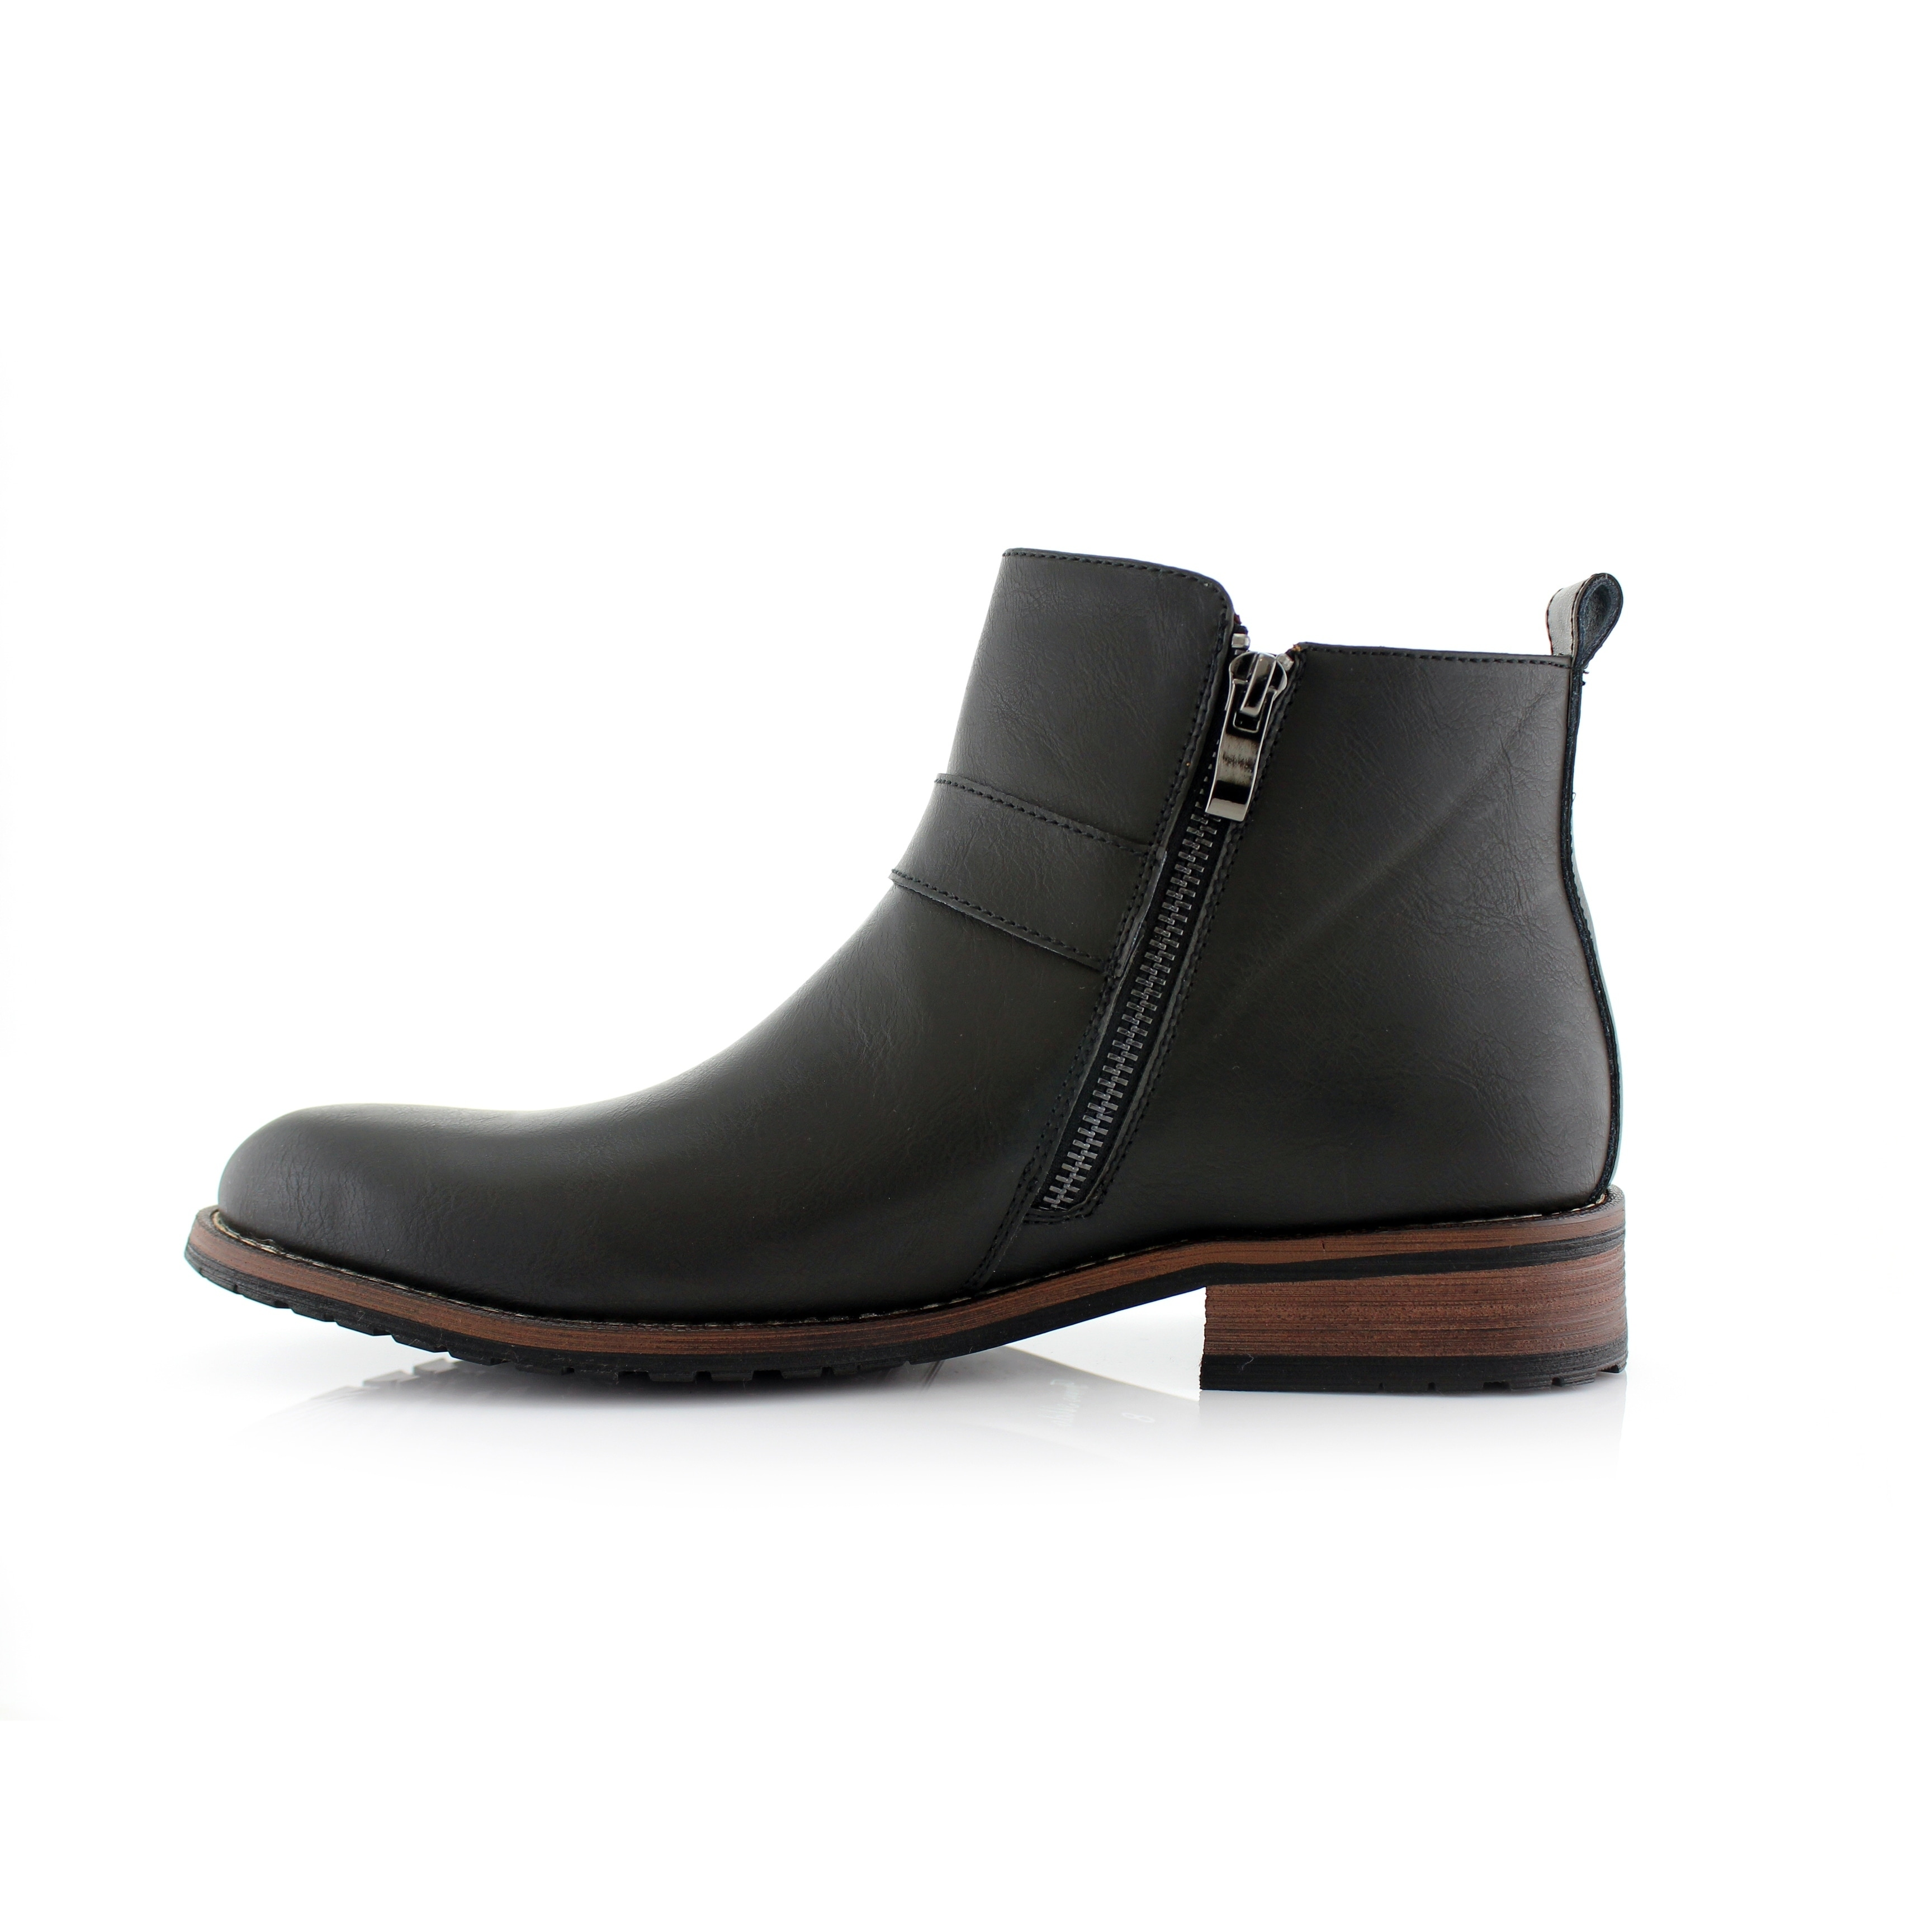 7b2d92e52c8 Ferro Aldo Dalton MFA606322 Men's Ankle Boots For Everyday Wear